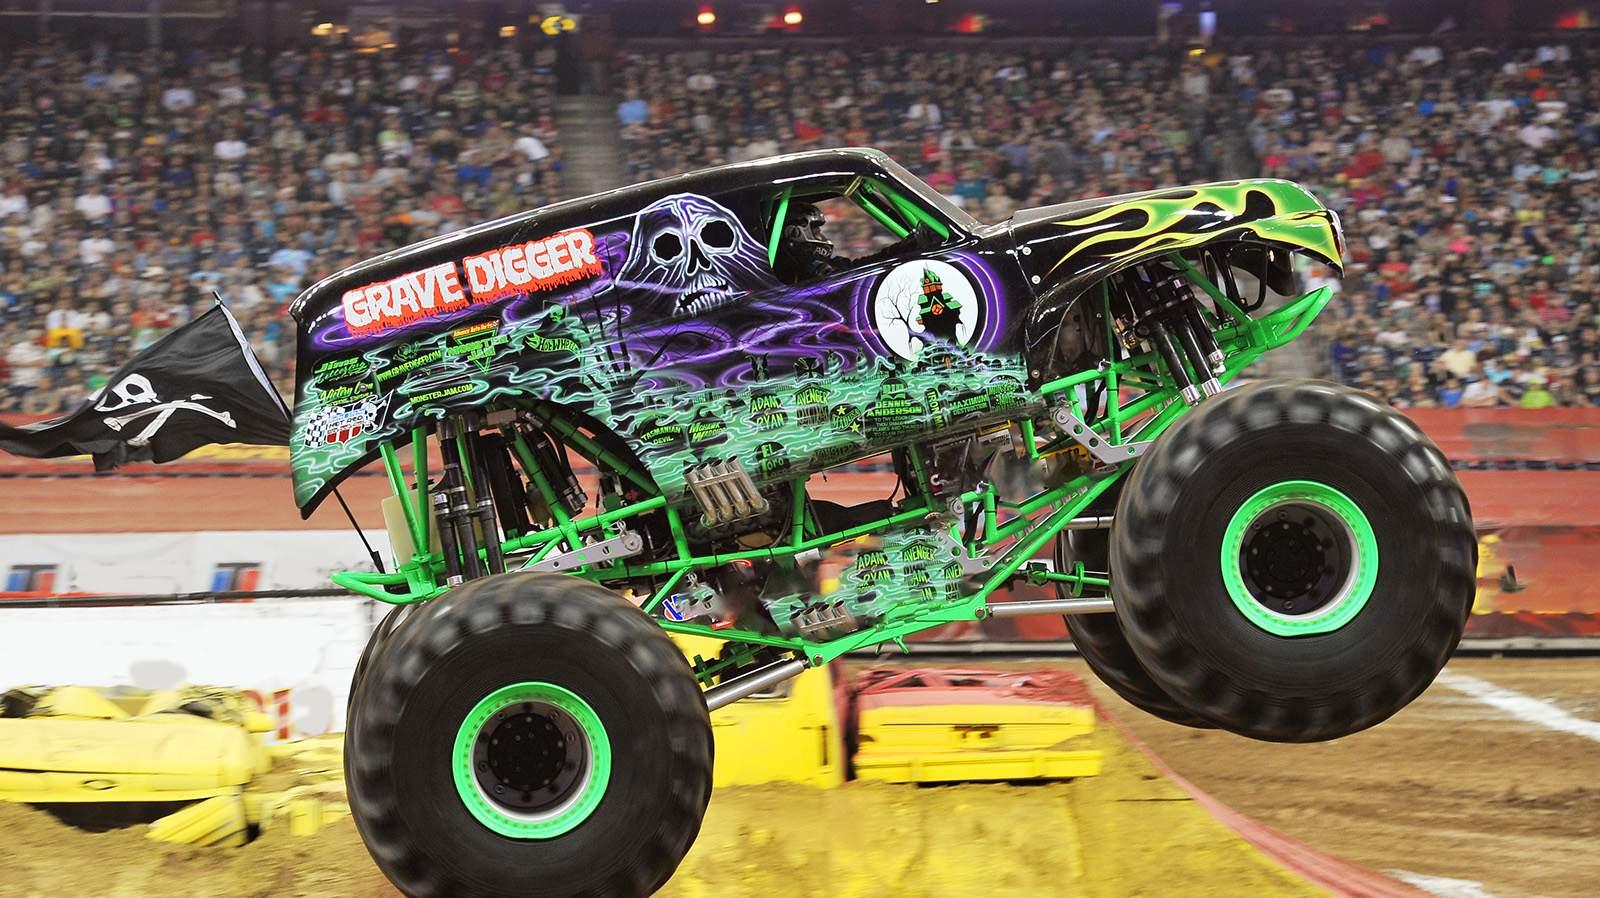 Monster Truck (Rescheduled from 9/13/2020)